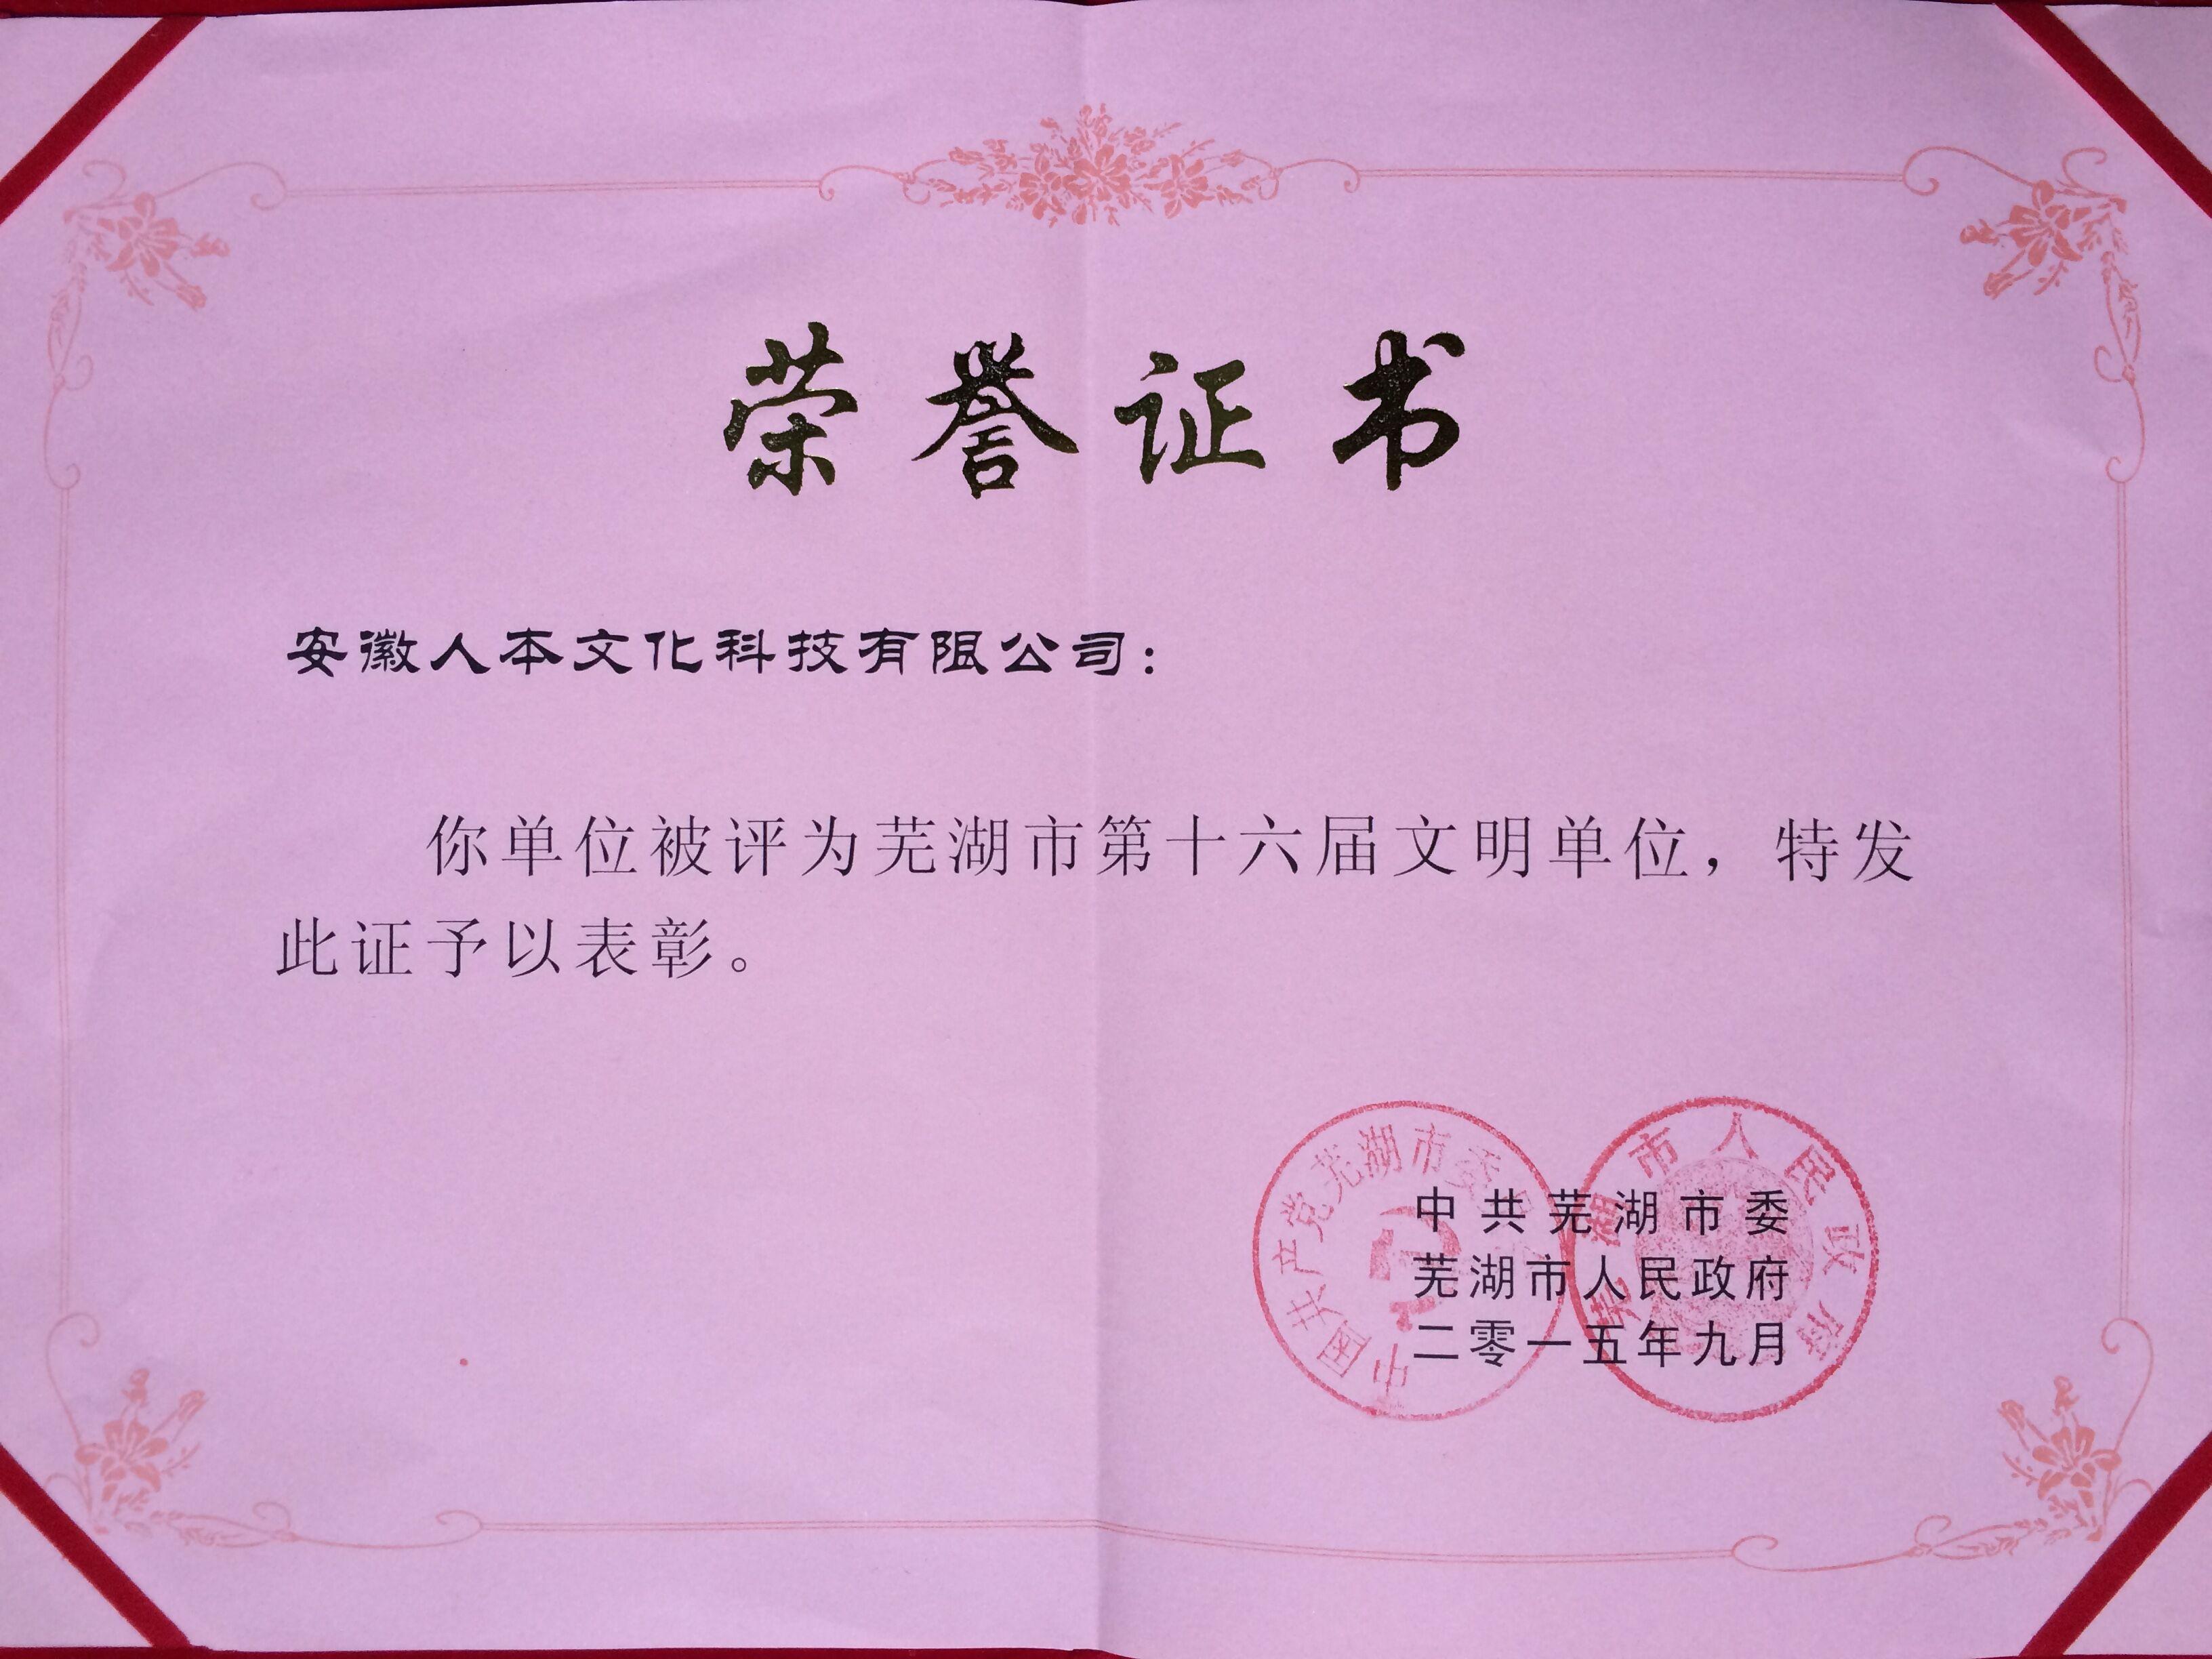 我公司荣获芜湖市第十六届文明单位荣誉称号